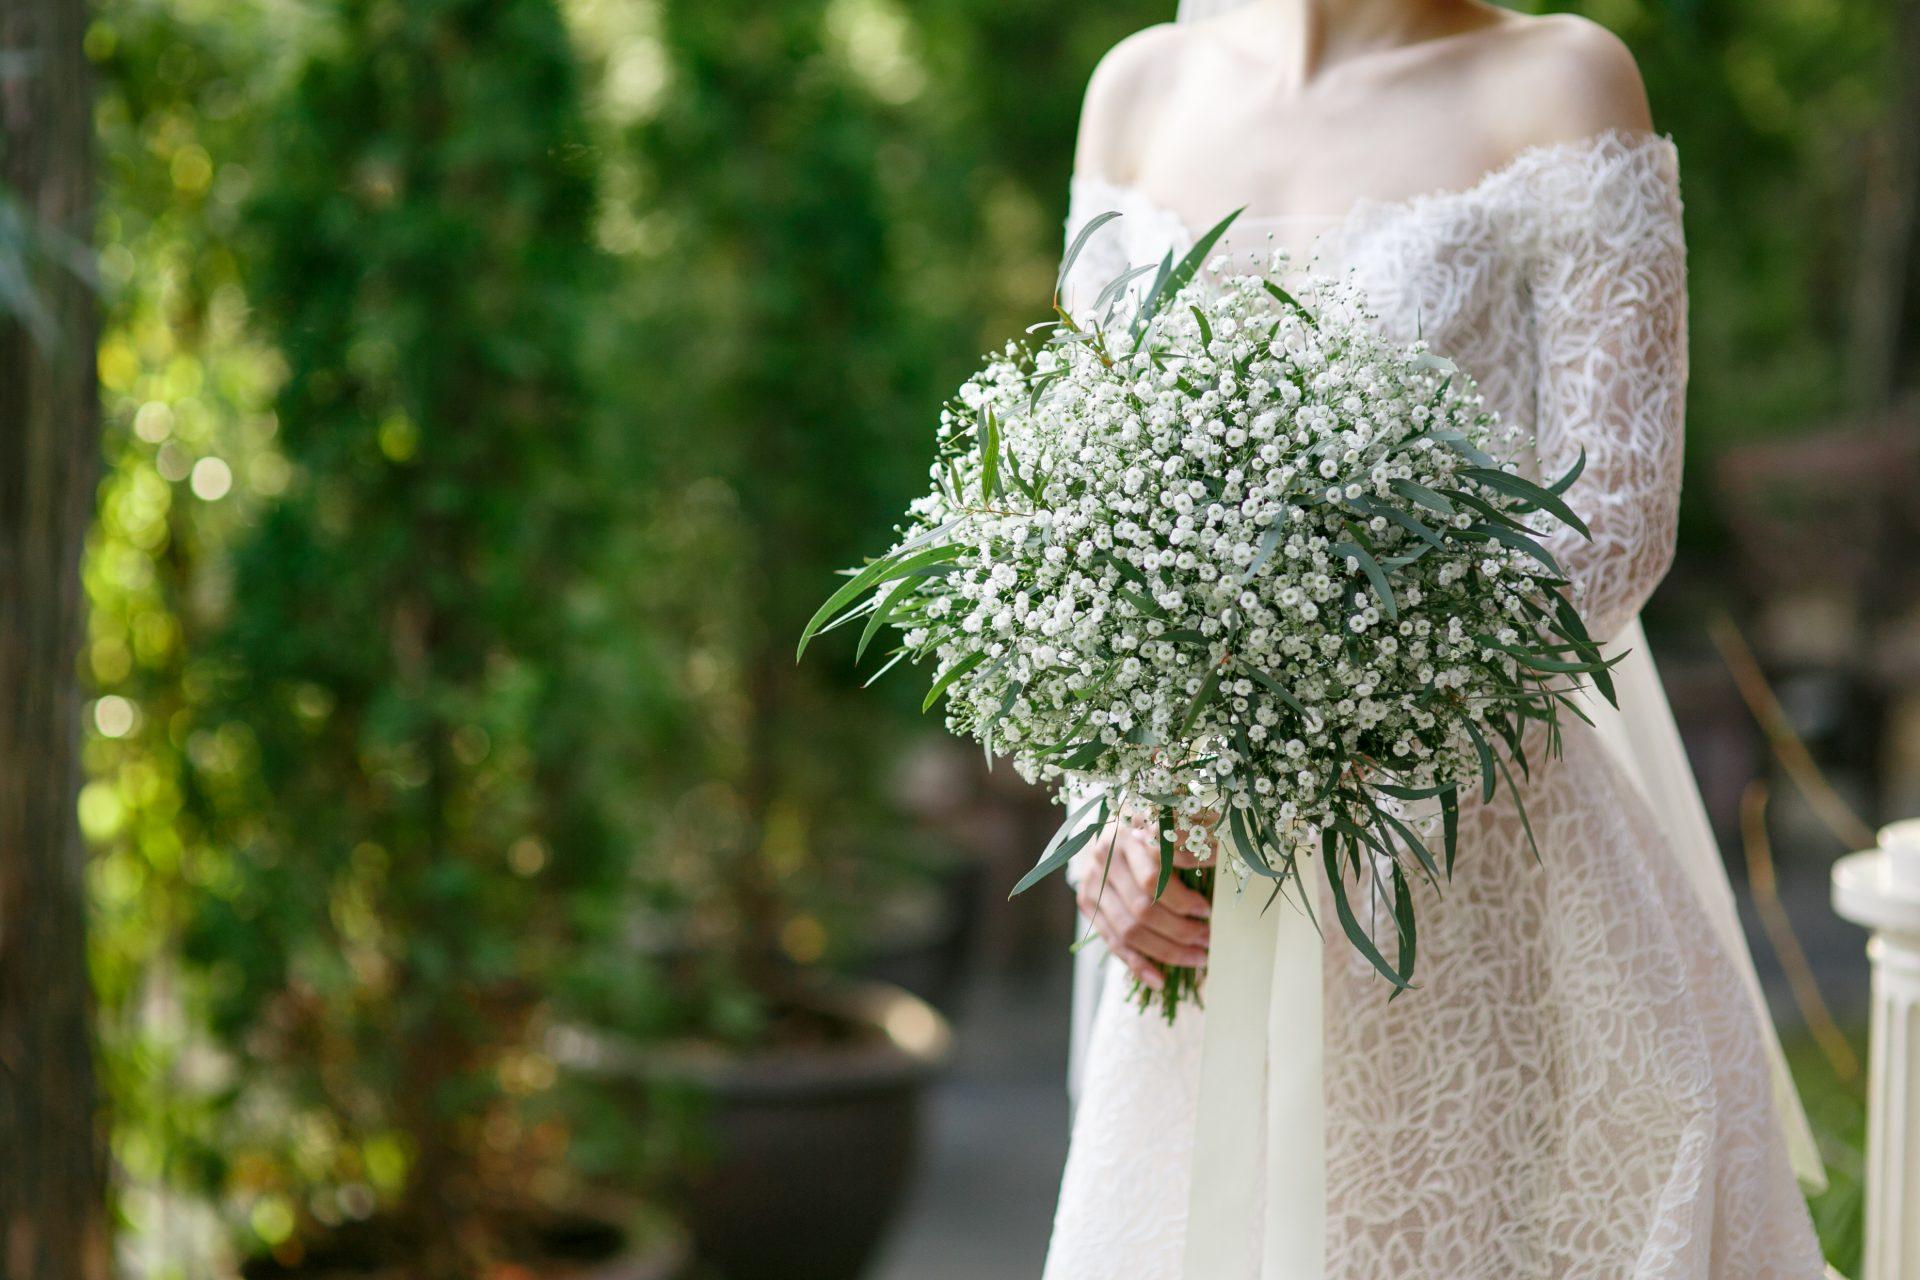 ローズモチーフのレースが美しいモニークルイリエのウェディングドレスをお召しになったご新婦様